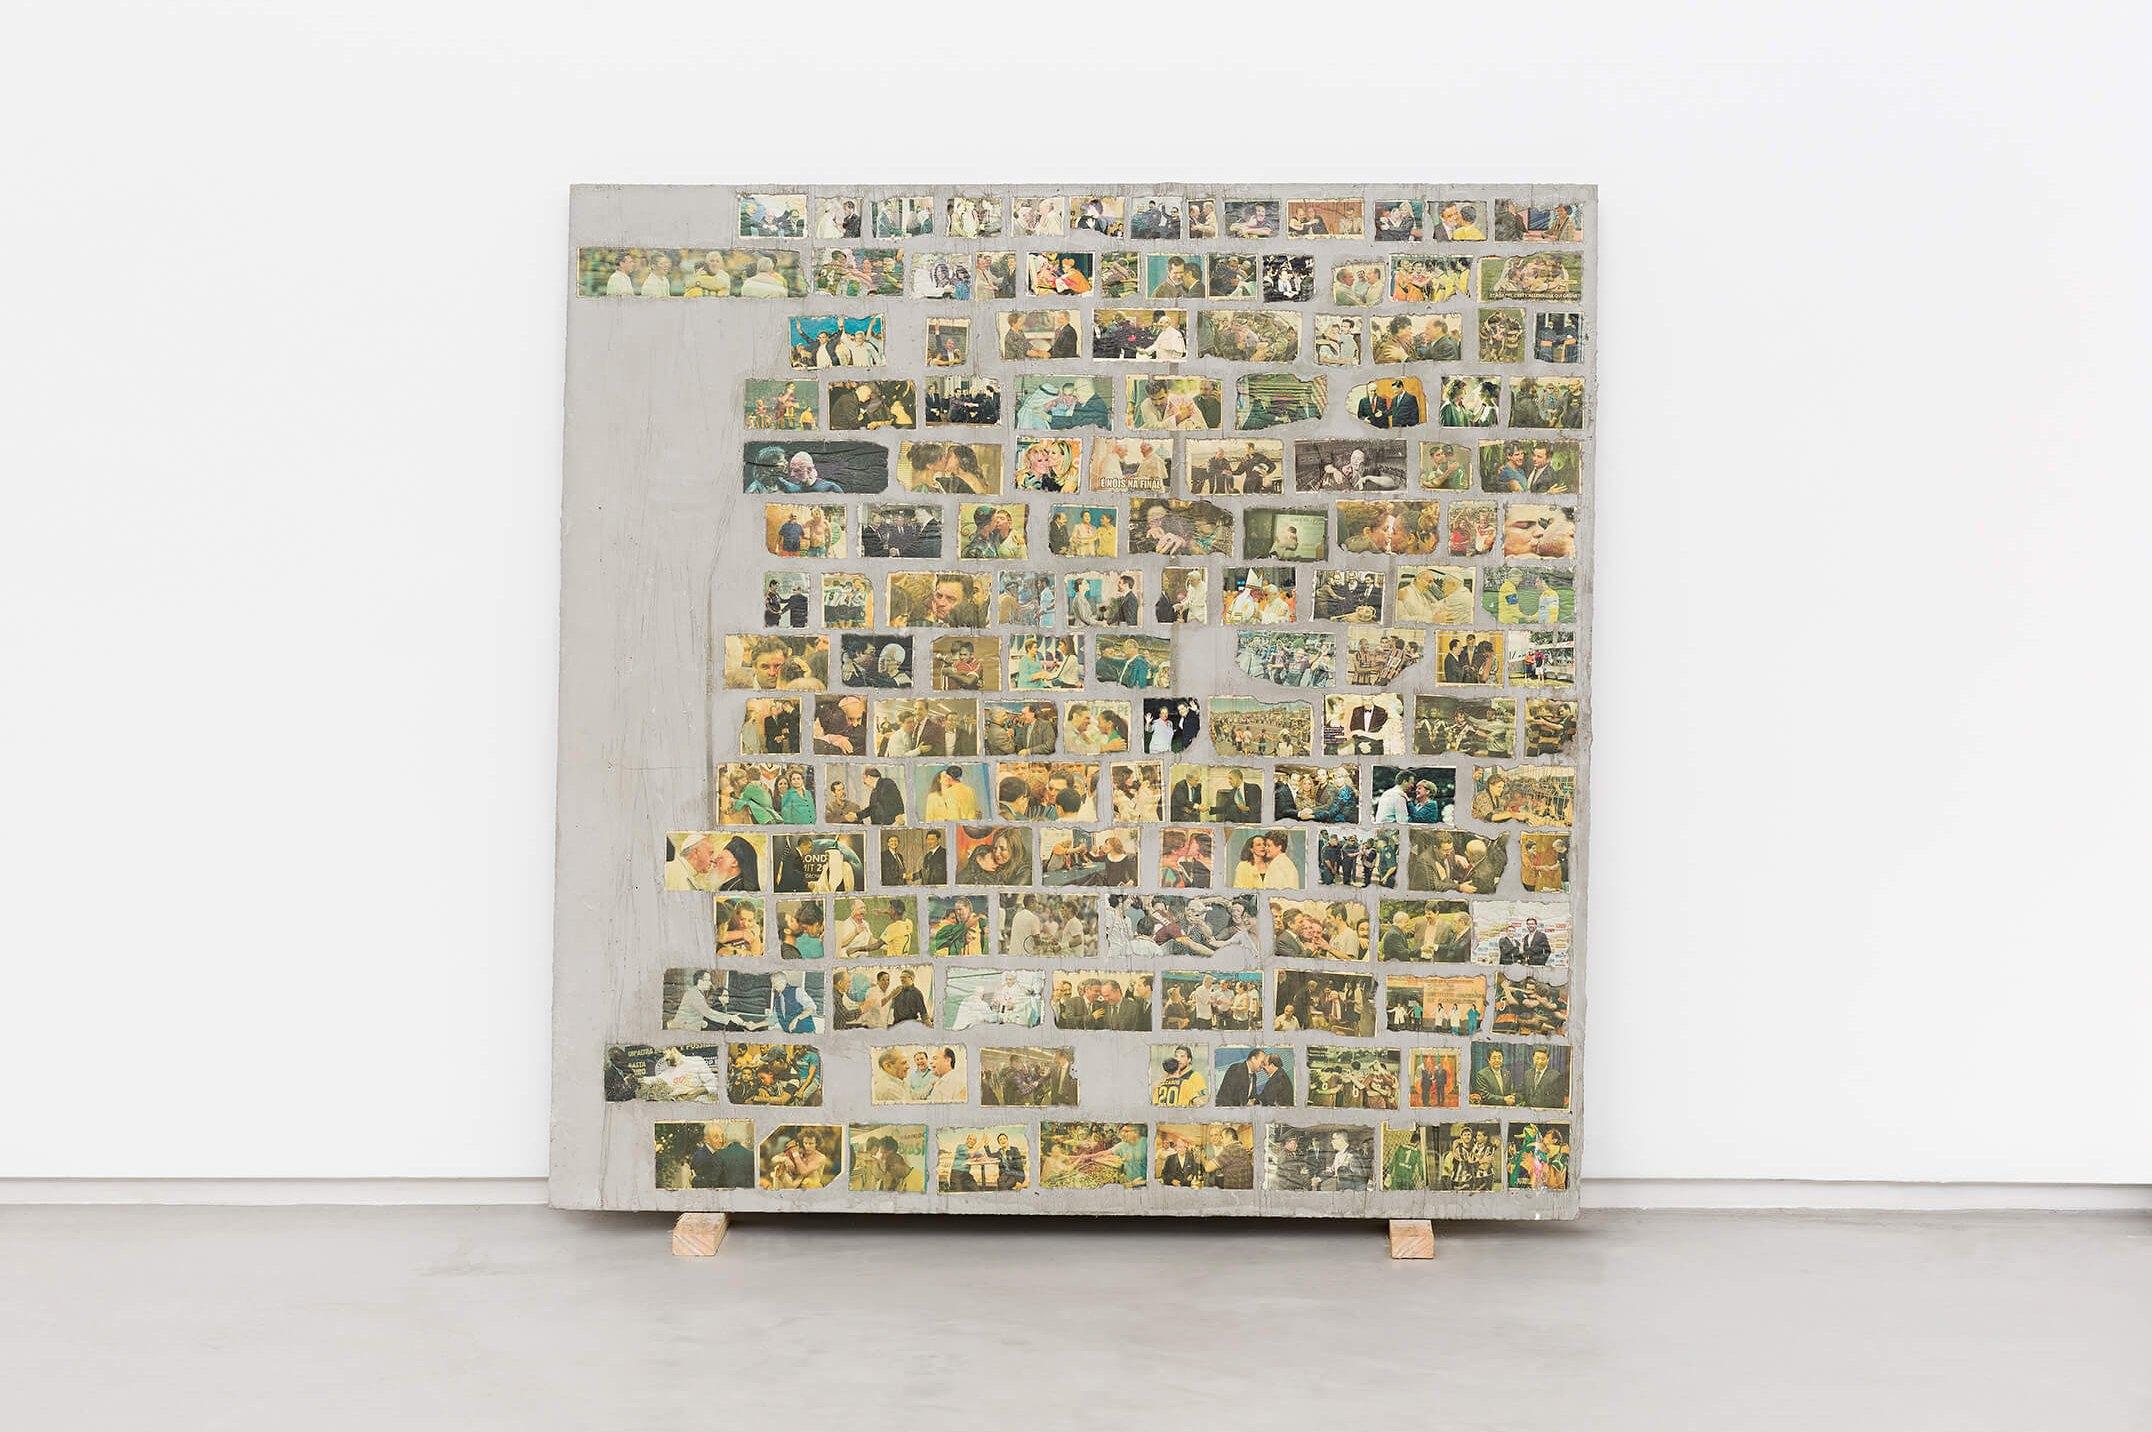 Matheus Rocha Pitta,<em>Décimo Primeiro Acordo</em>, 2013,concrete and paper,100 × 100 × 3 cm - Mendes Wood DM